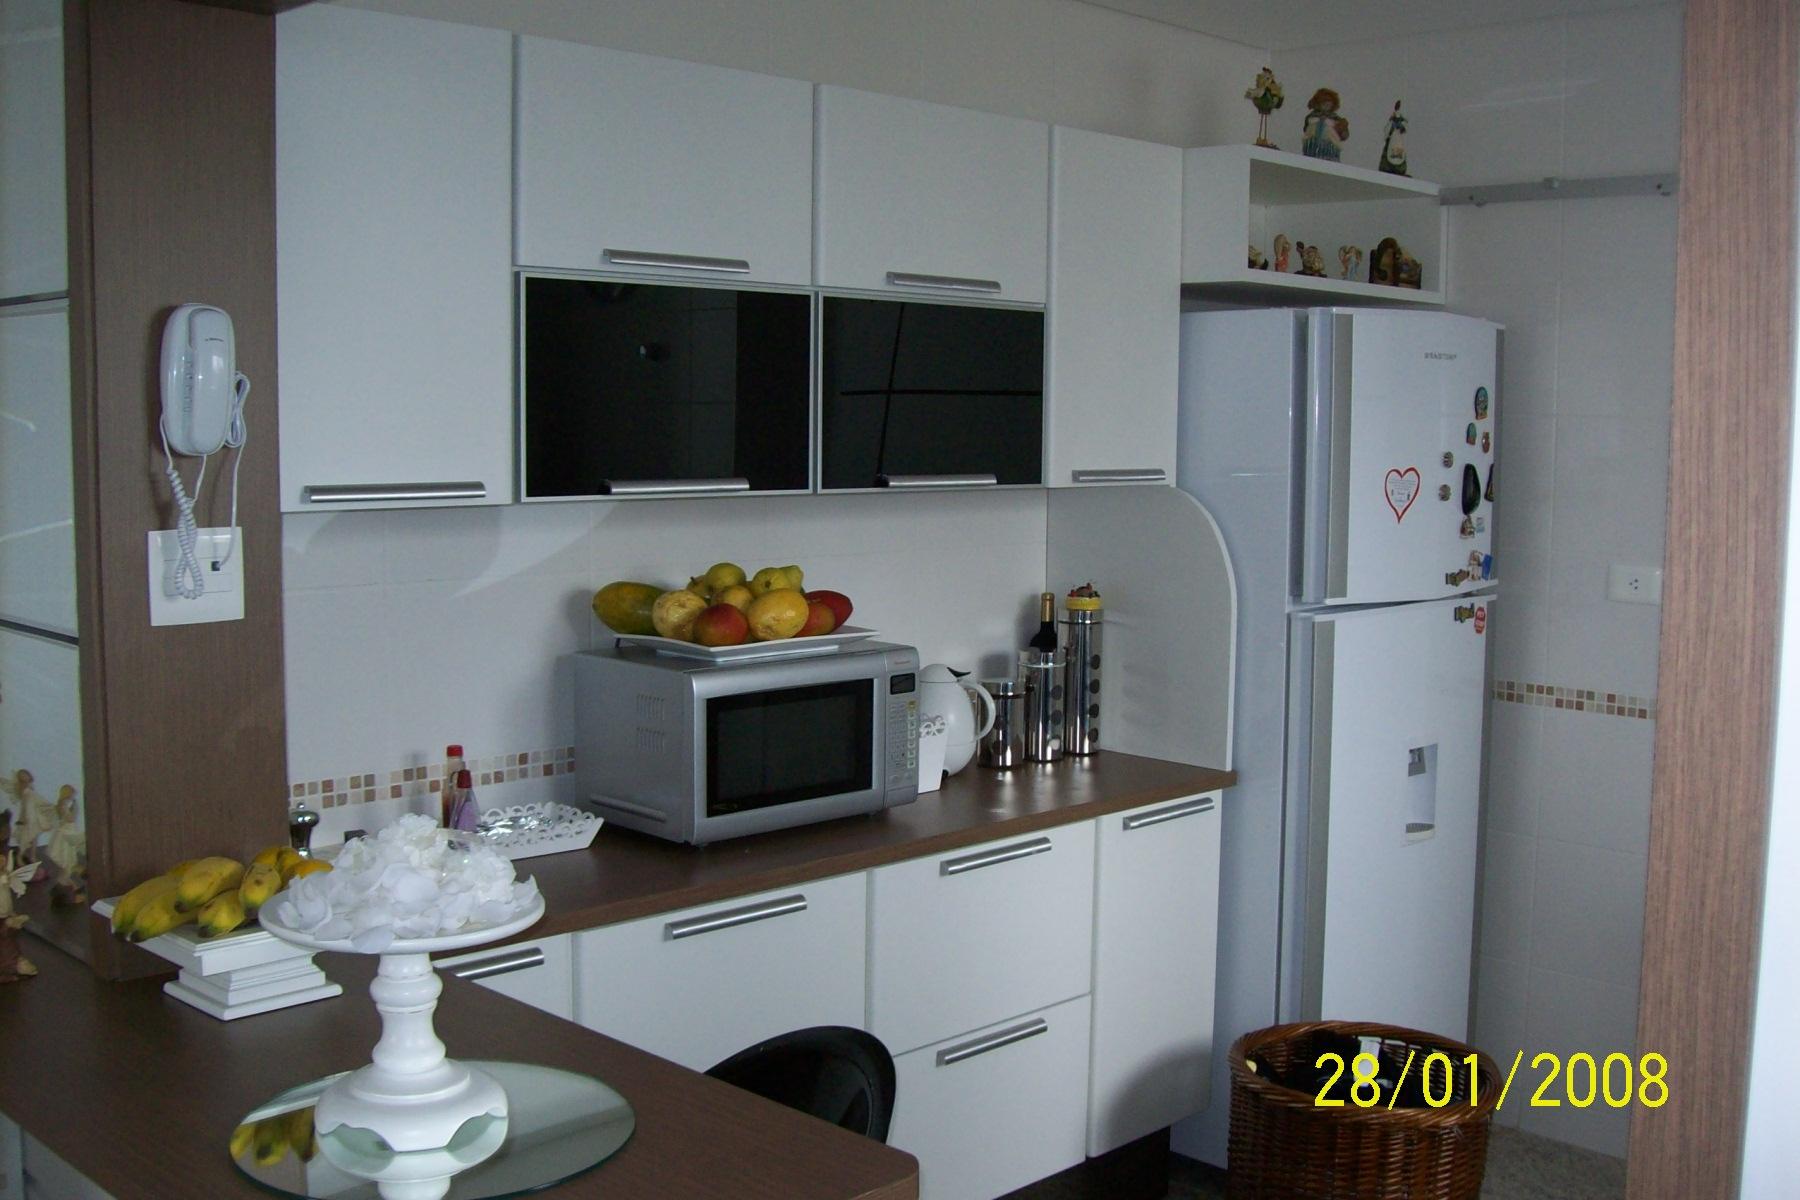 Cozinha Americana 3 110x70 Moveis E Decoracao Pelautscom Picture Car  #6F653C 1800 1200